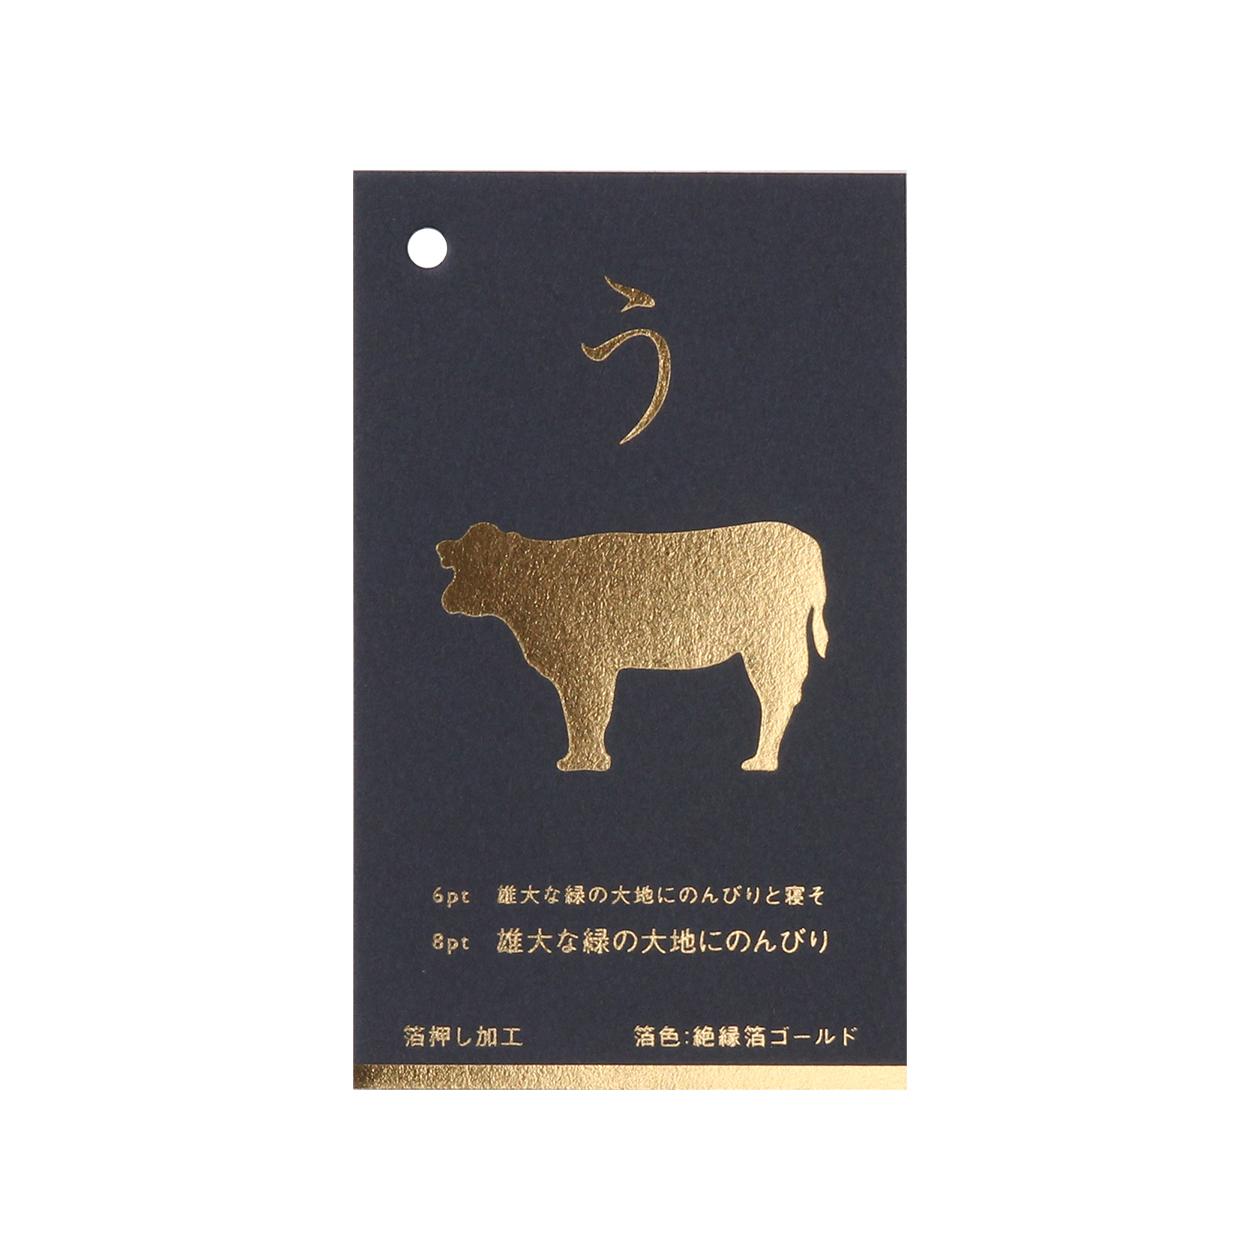 箔色見本 00211 絶縁箔ゴールド箔 コットンミッドナイトブルー 291g